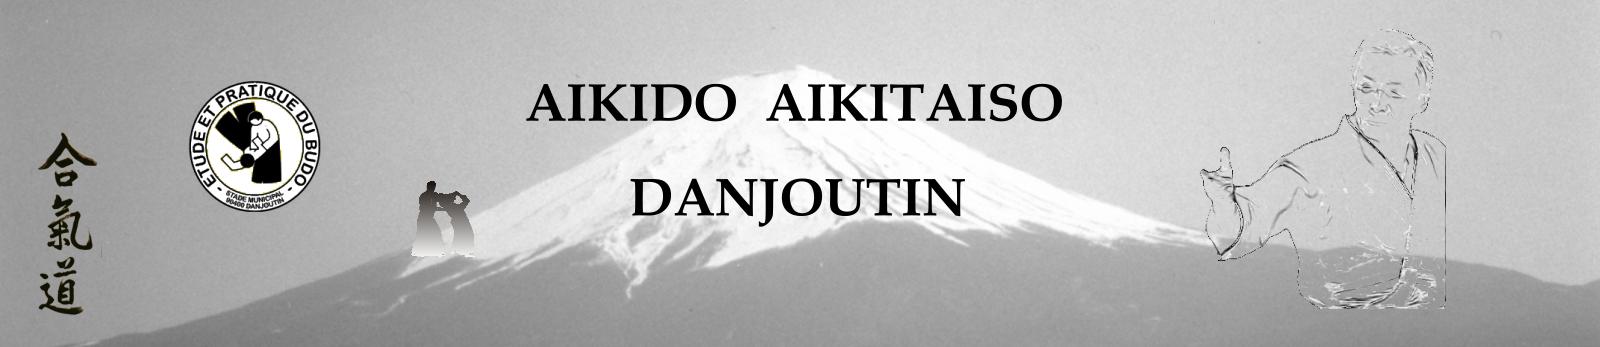 AIKIDO DANJOUTIN BELFORT  BAVILLIERS 90